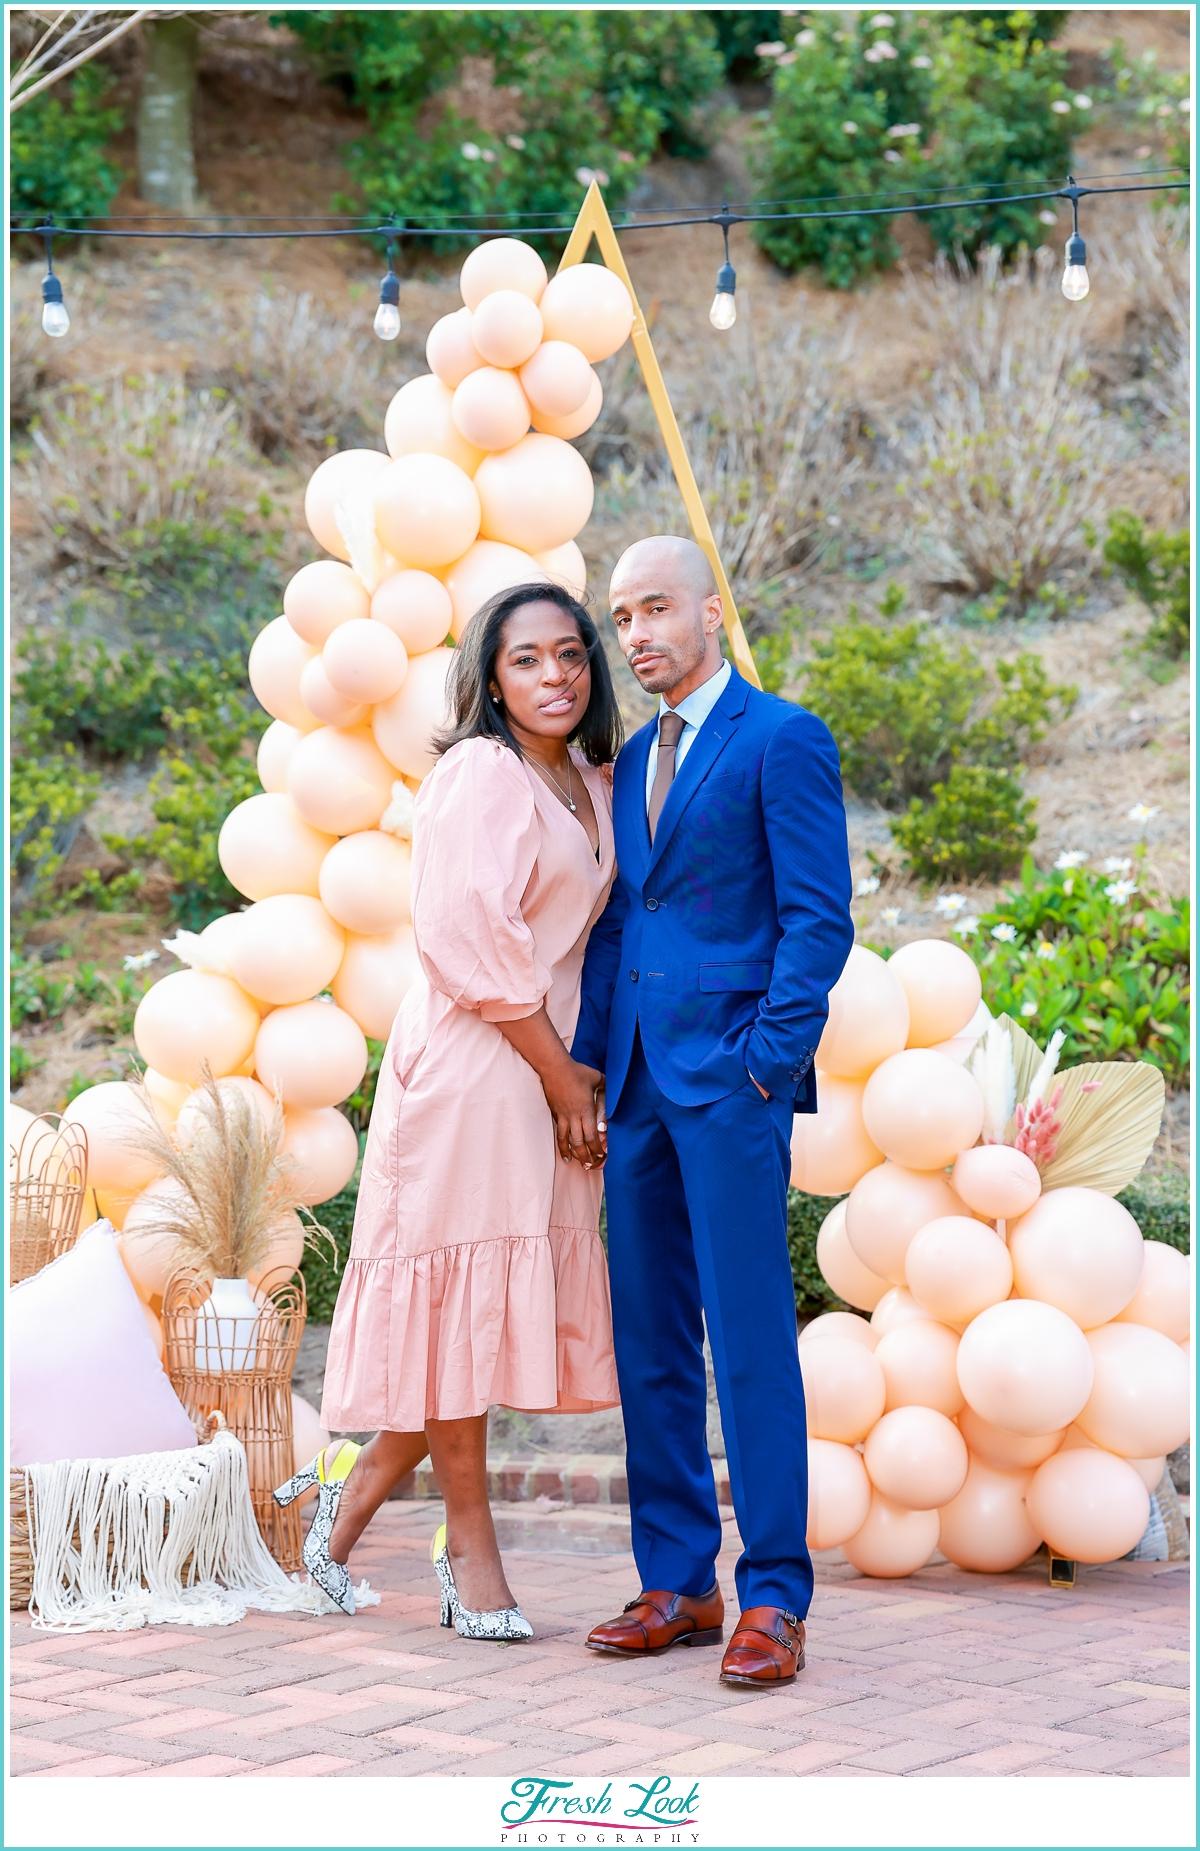 romantic couples portraits after engagement